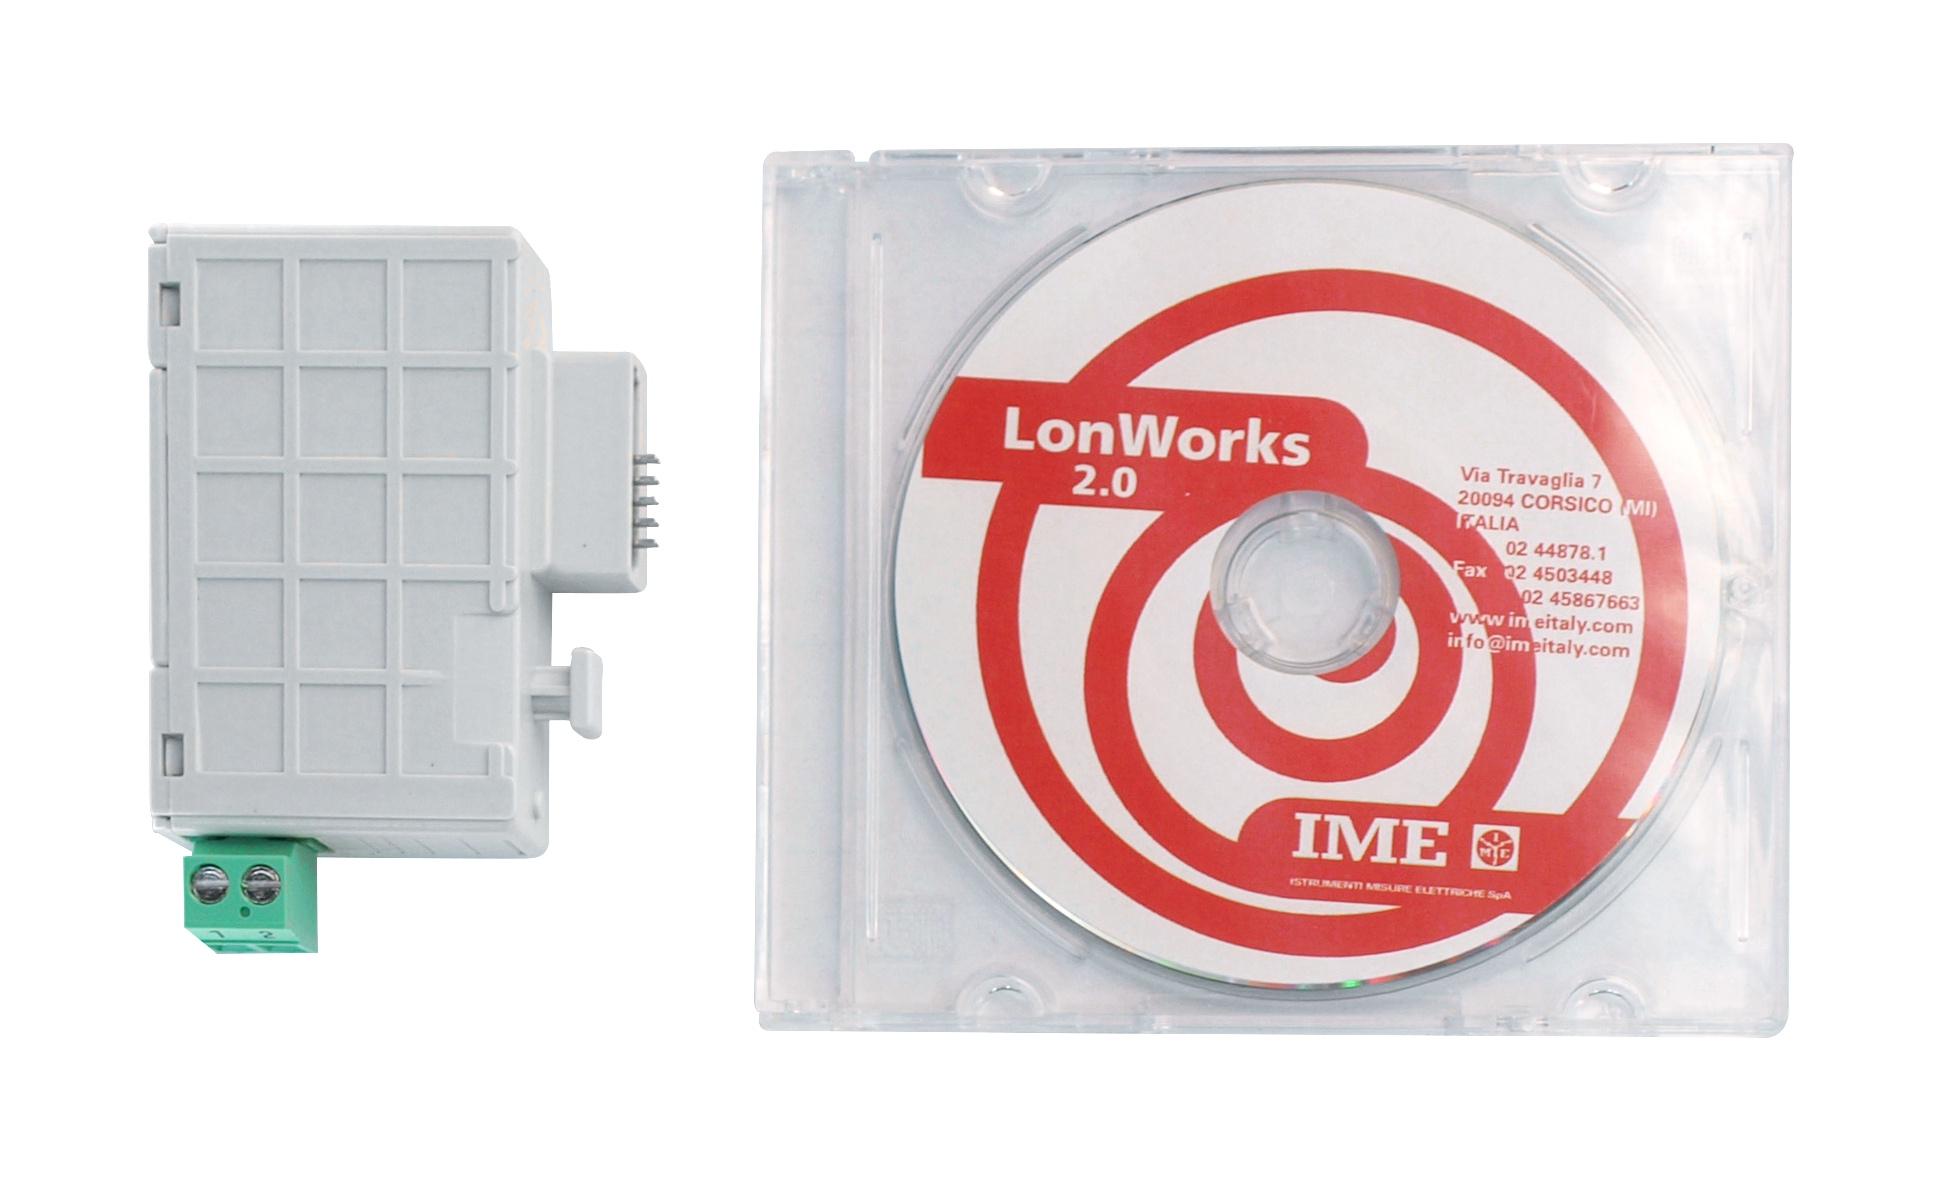 1 Stk Steckmodul für LonWorks, NA96 MGF3900L--